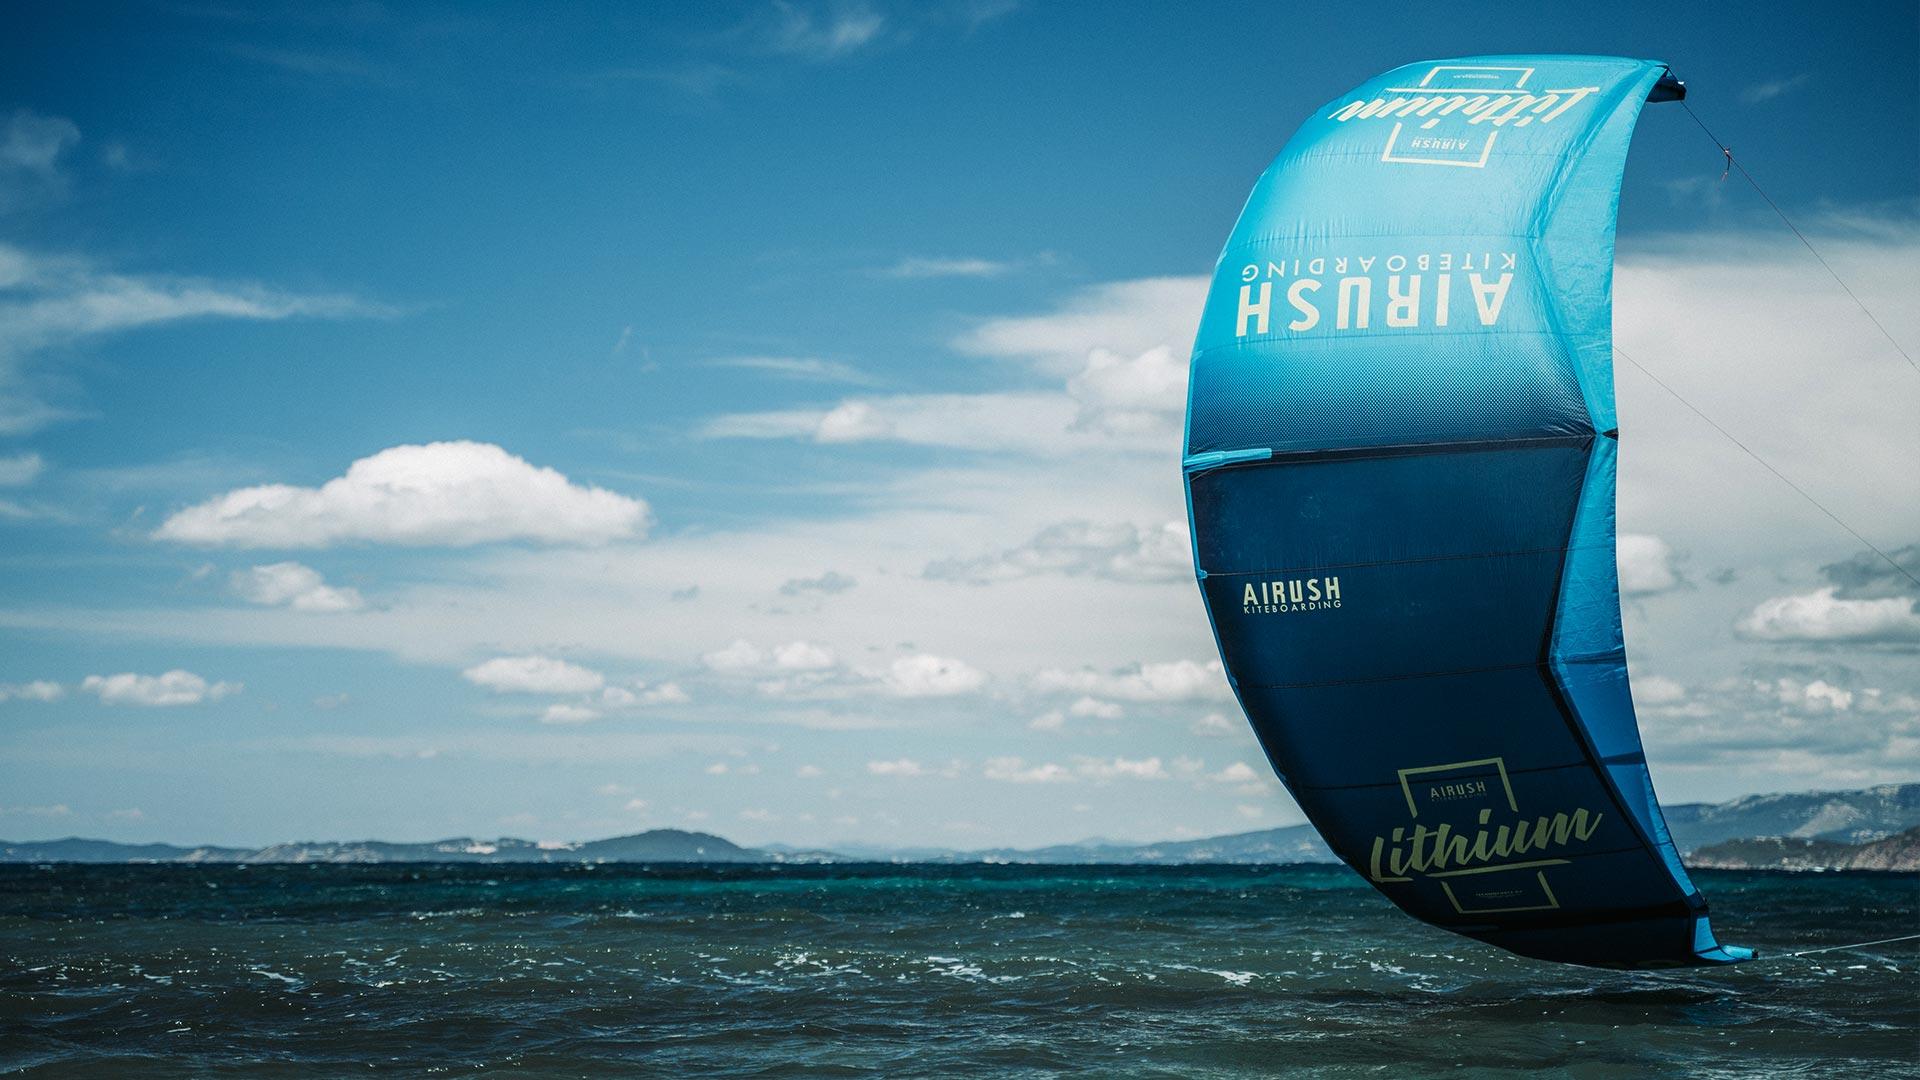 21_Airush_Gallery_Kites_Lithium_Navy_img_08